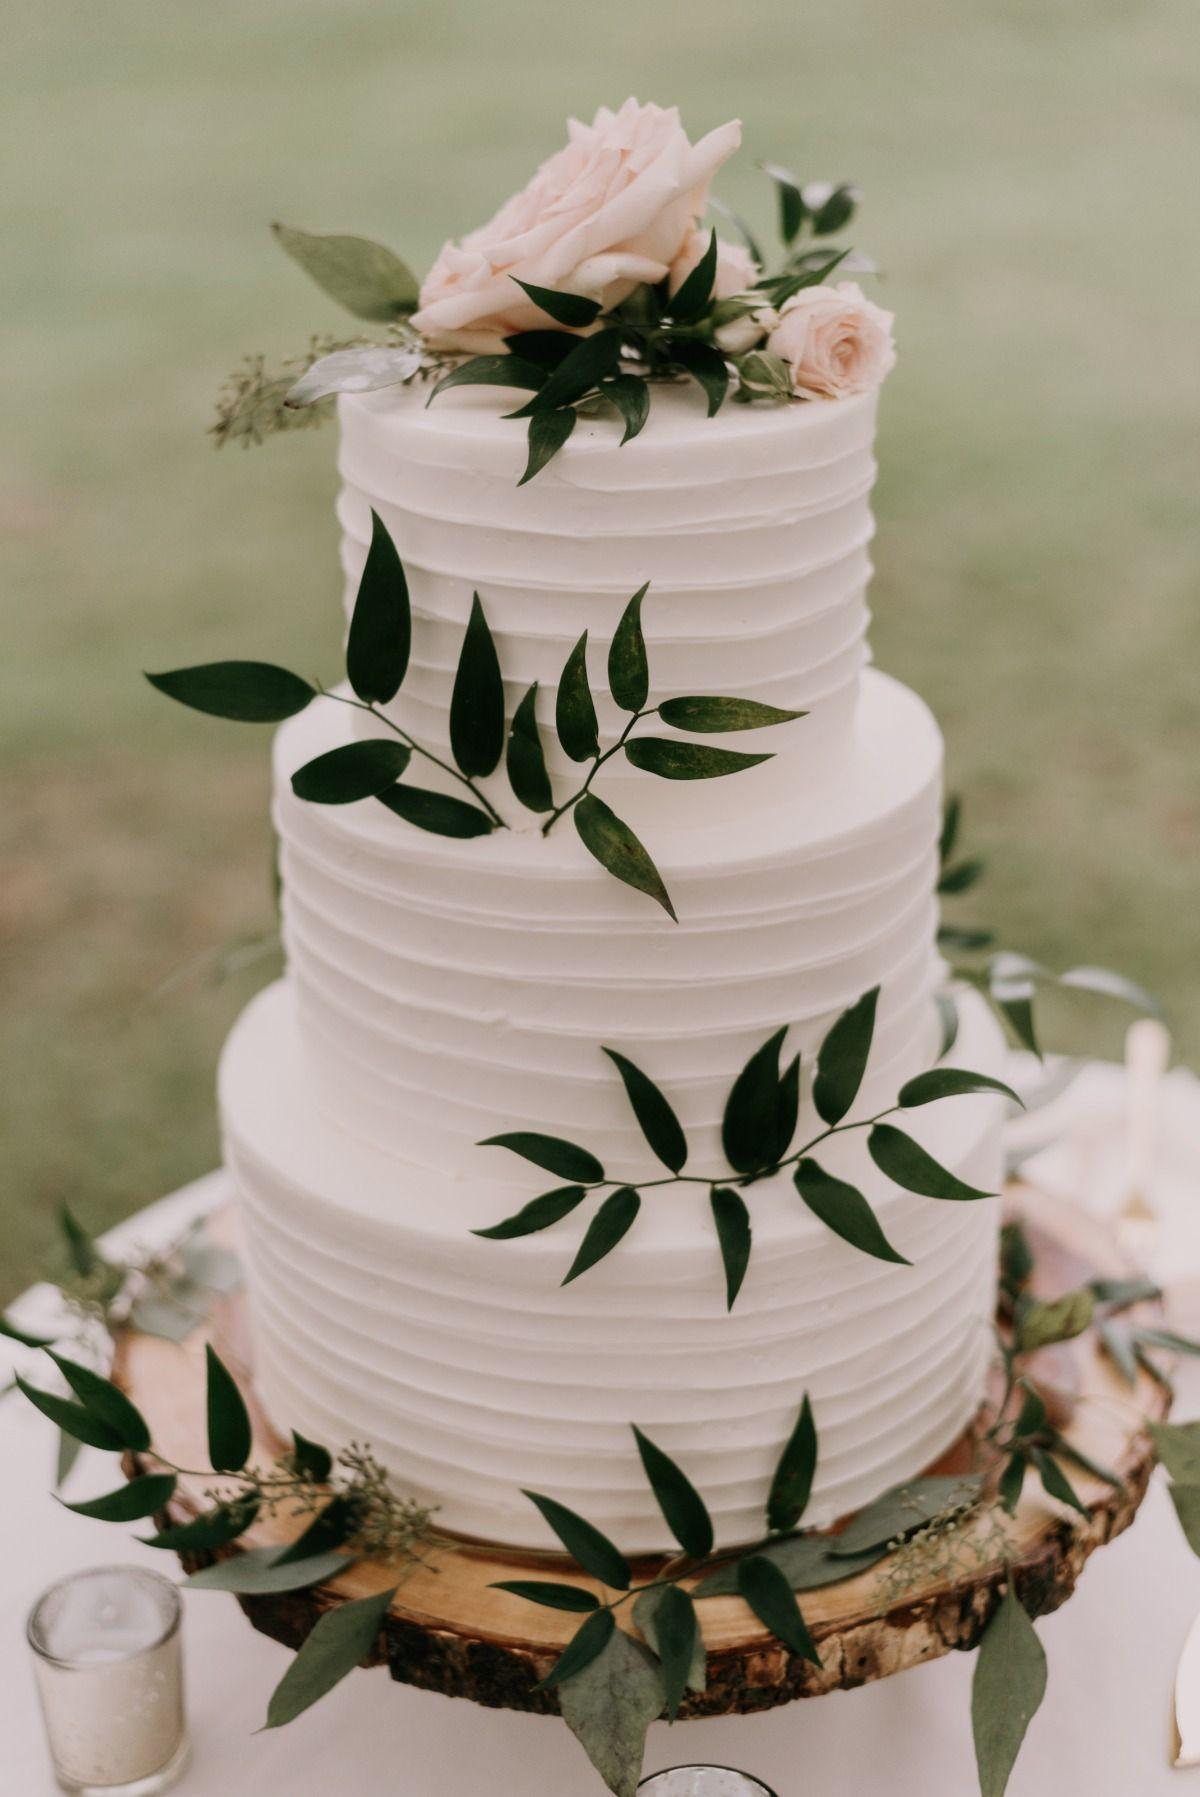 9 schöne Hochzeitstorte Ideen, die Ihre Gäste begeistern werden – Hochzeitskleid Ideen